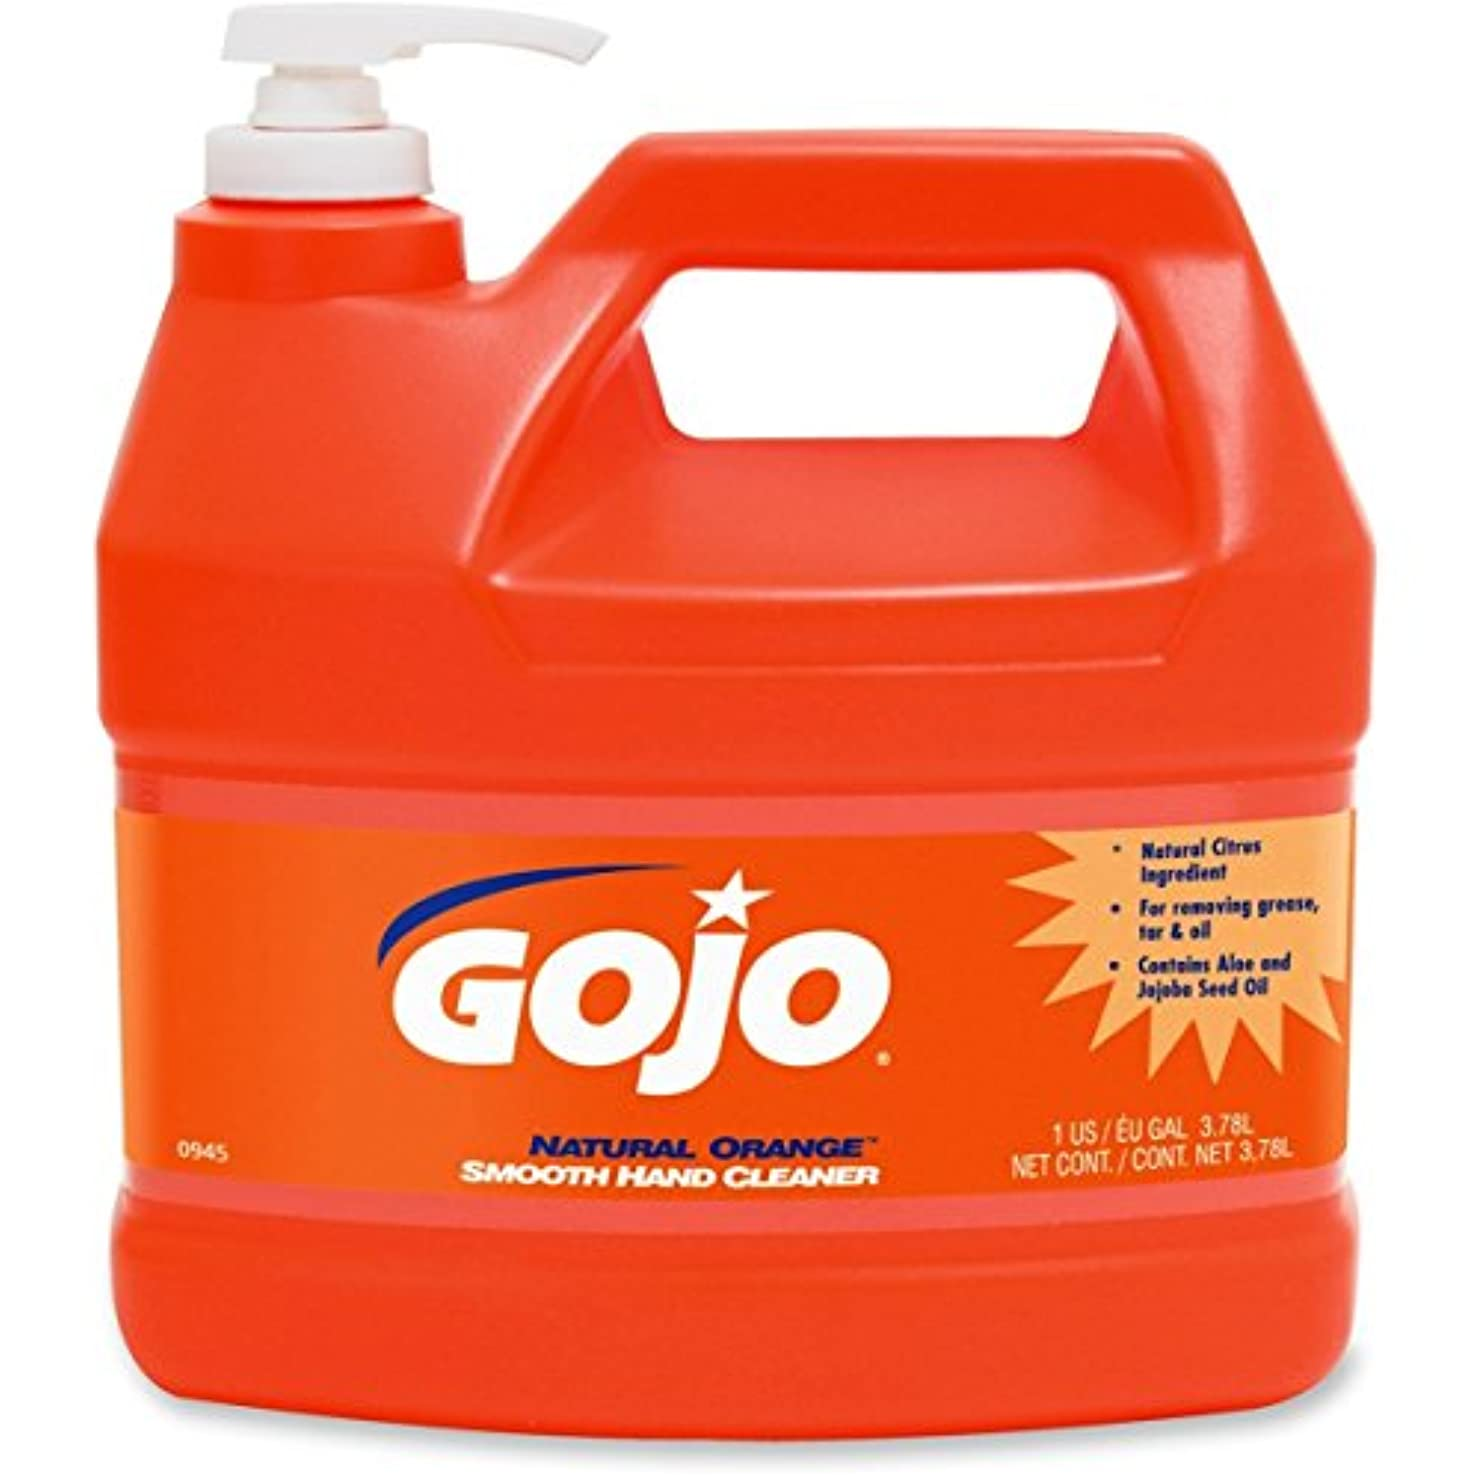 四面体収まる染色goj094504 – GOJOナチュラルオレンジSmooth heavy-duty Hand Cleaner